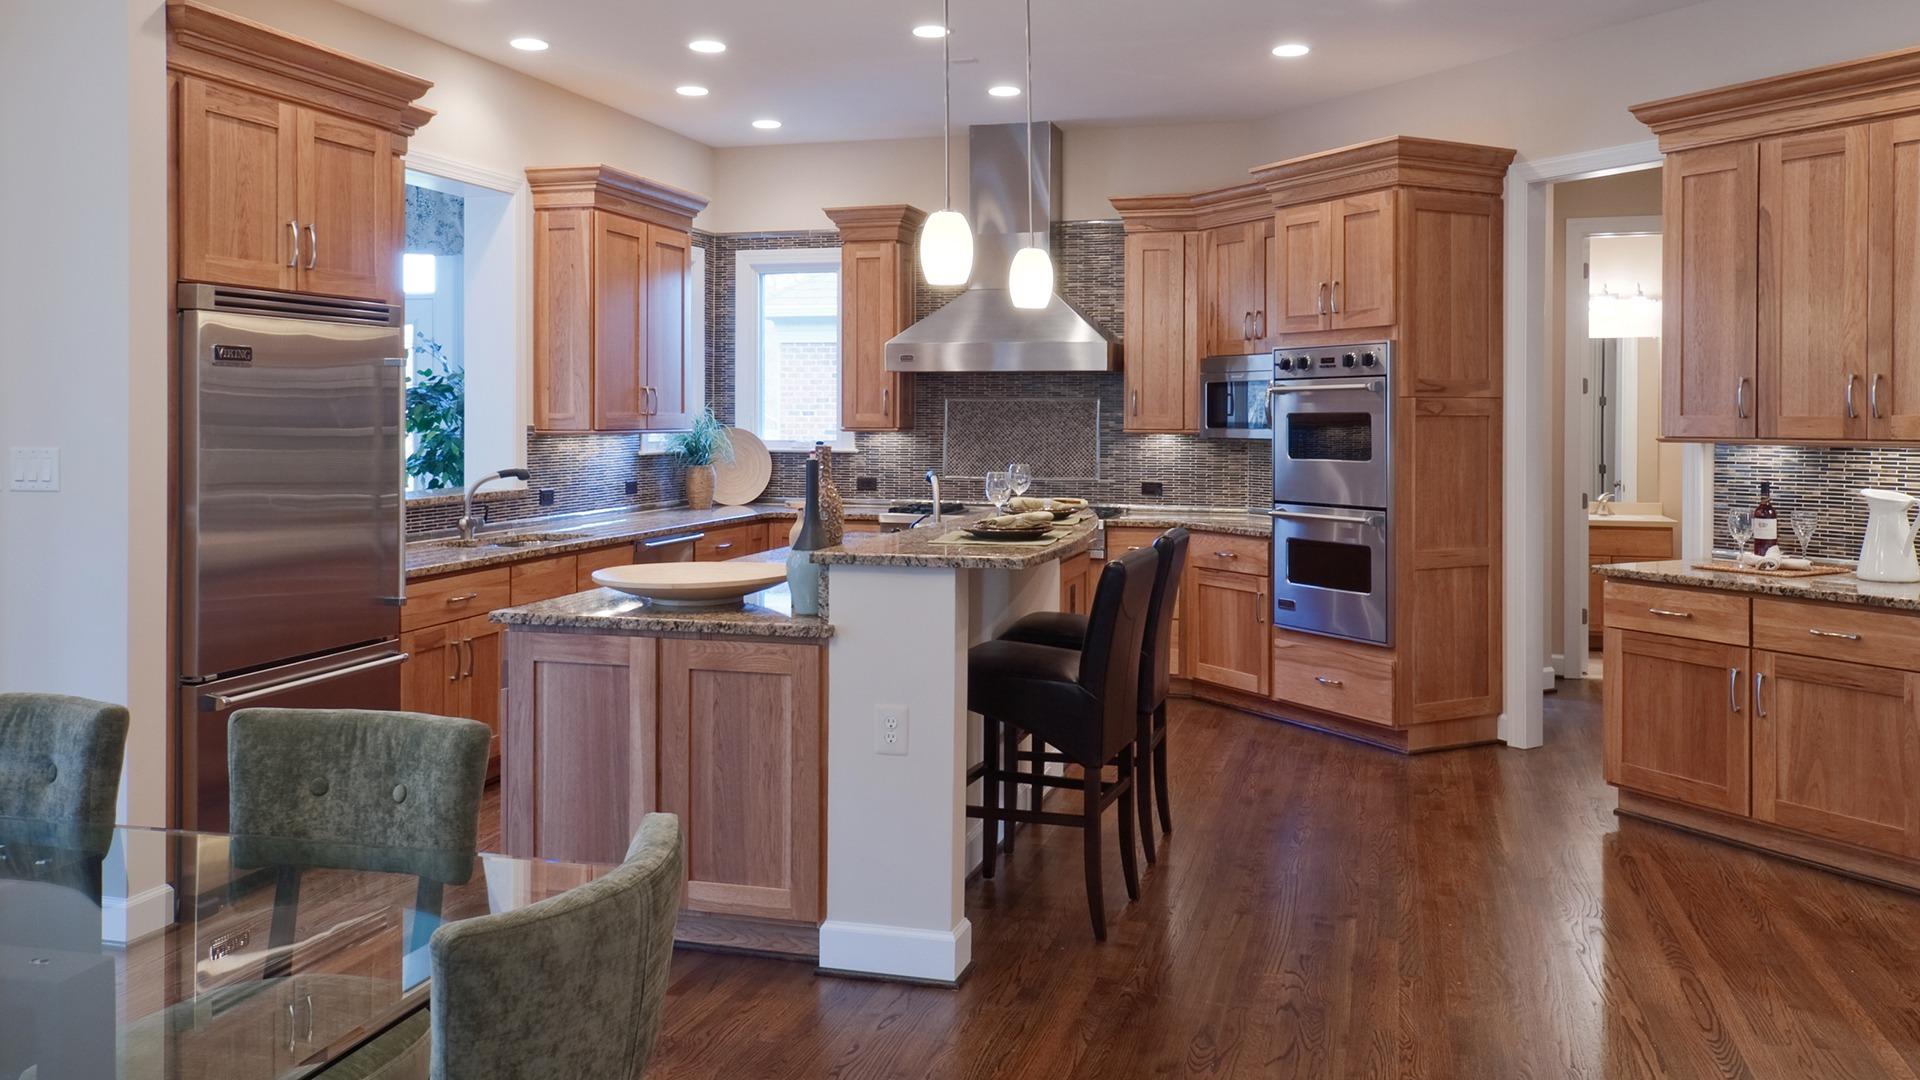 Grovemont Winthrop - Kitchen